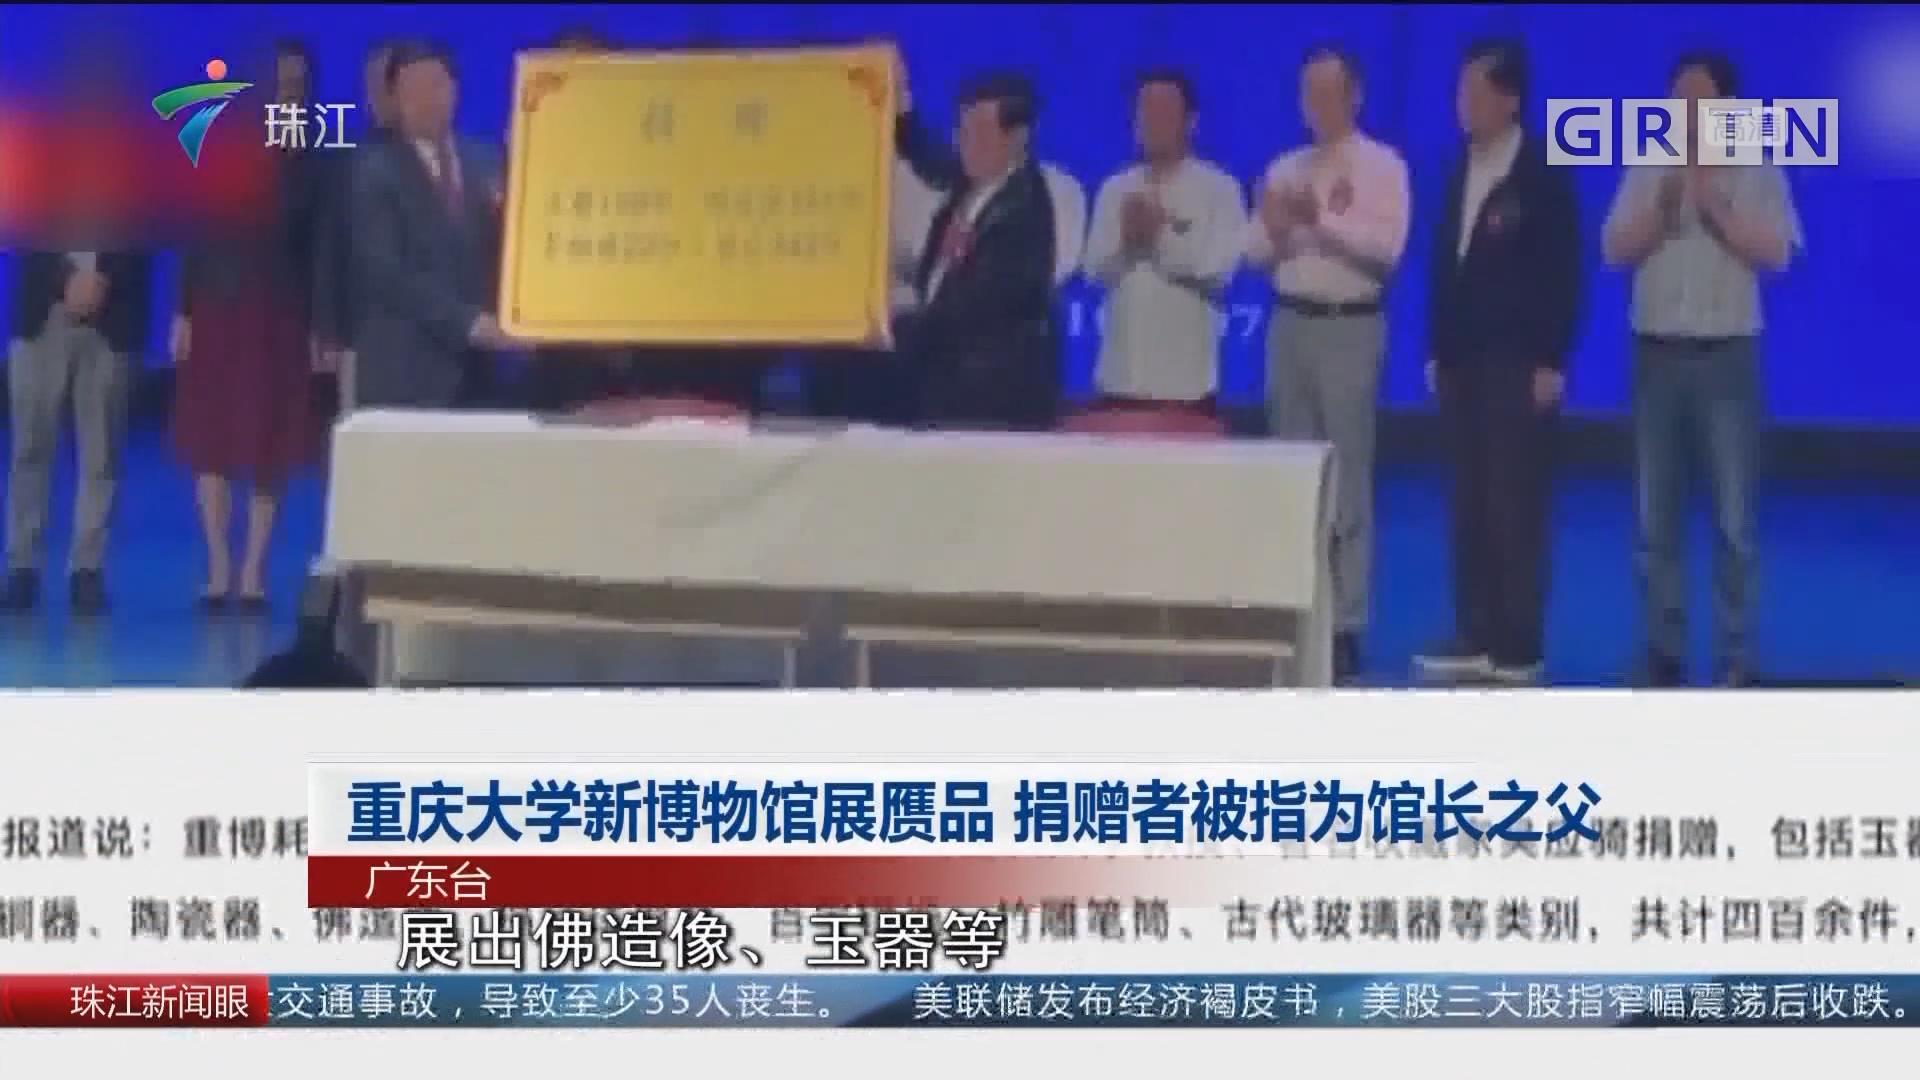 重庆大学新博物馆展赝品 捐赠者被指为馆长之父